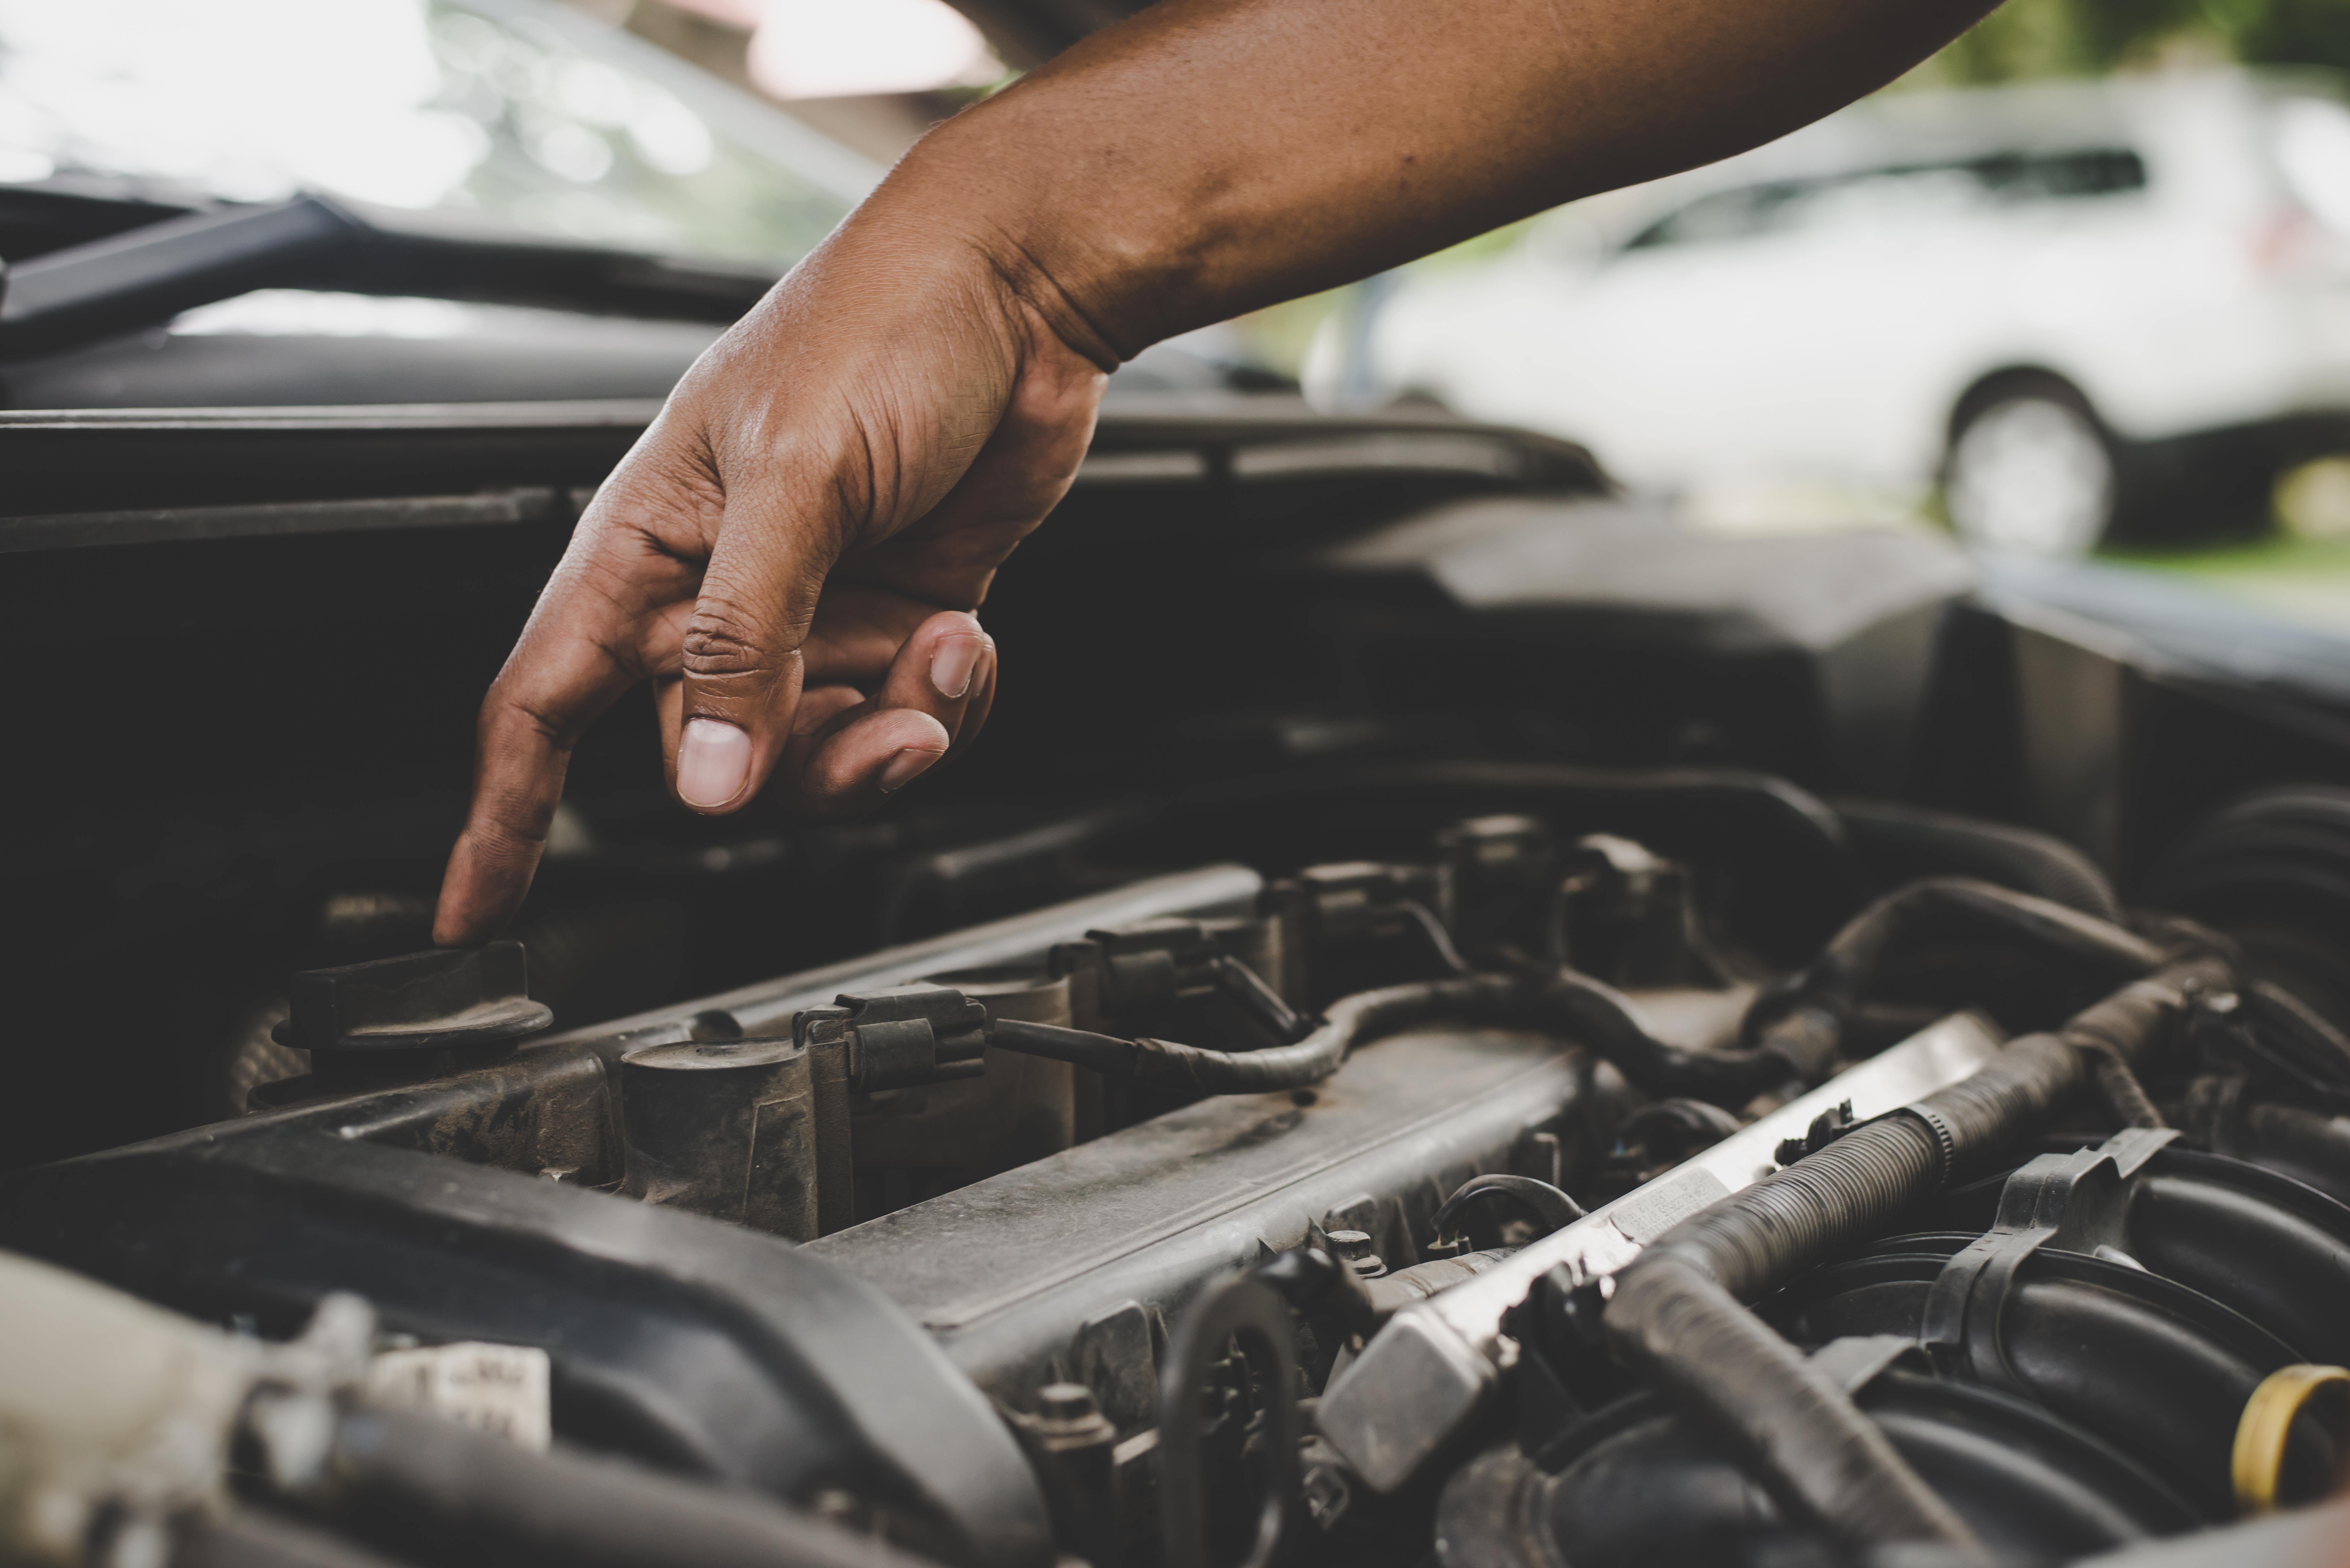 Puntos clave que debes revisar en tu auto antes de viajar